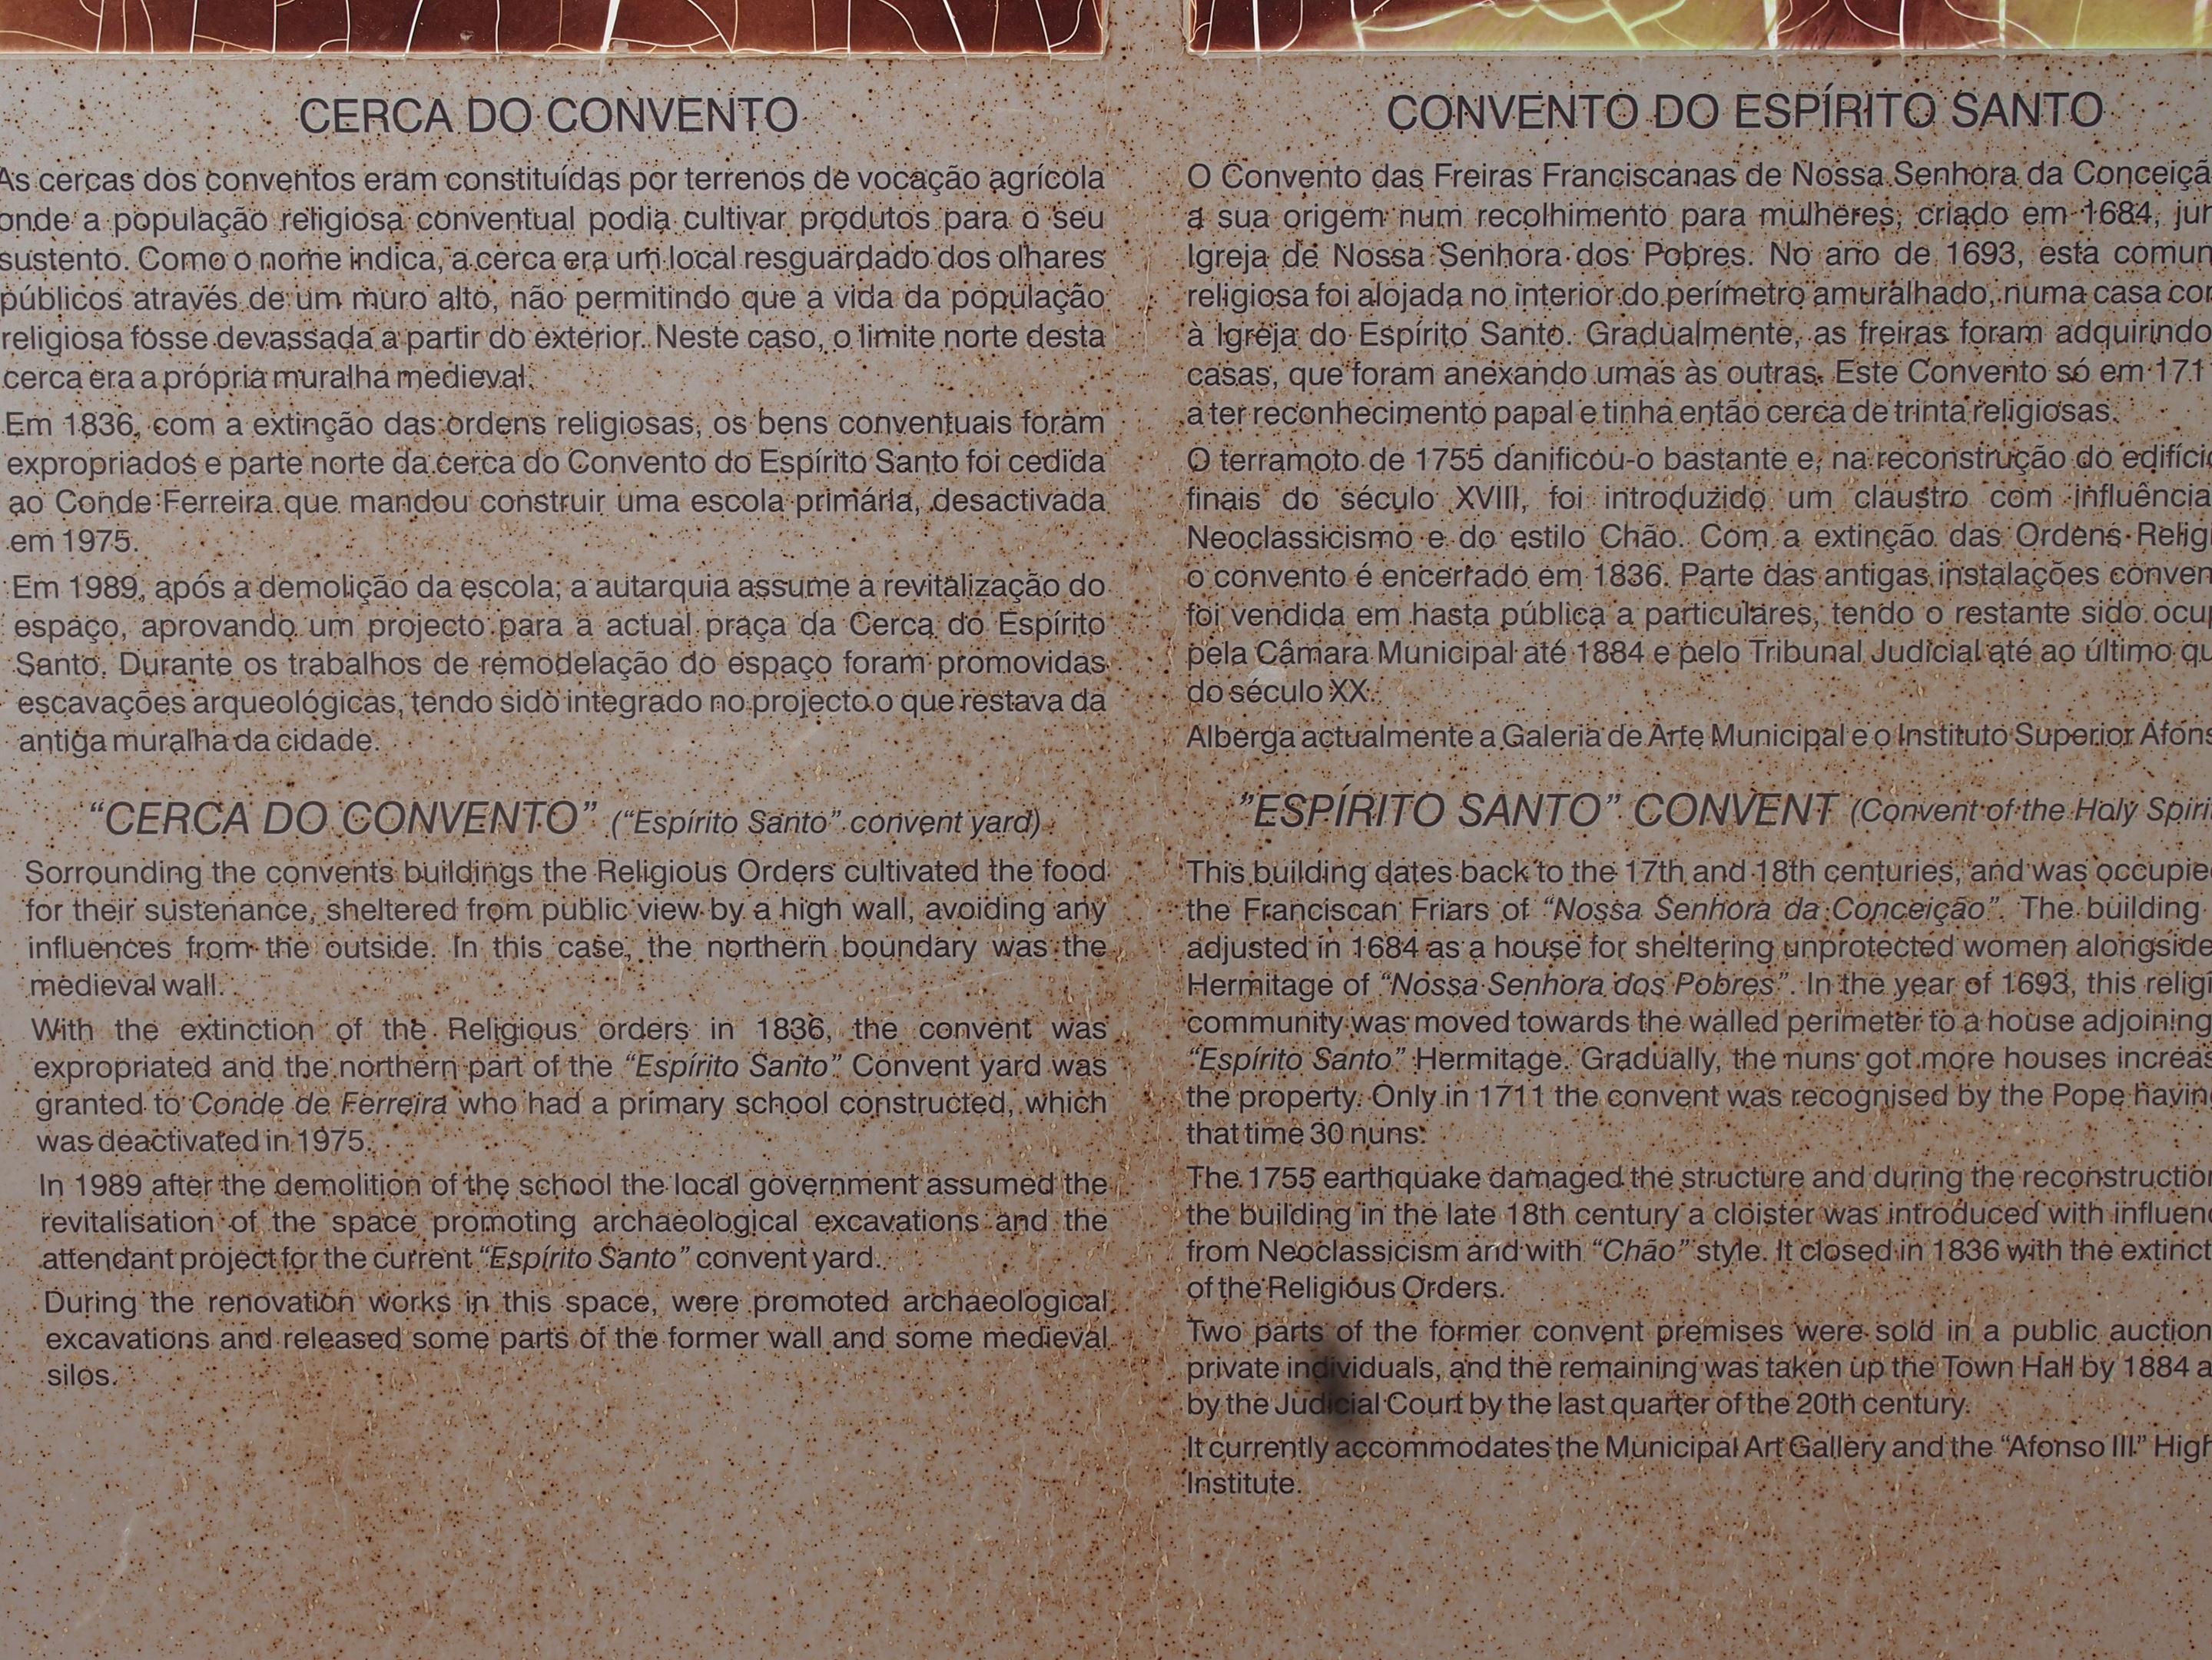 Convento Espírito Santo, Loulé, Algarve - fatos históricos